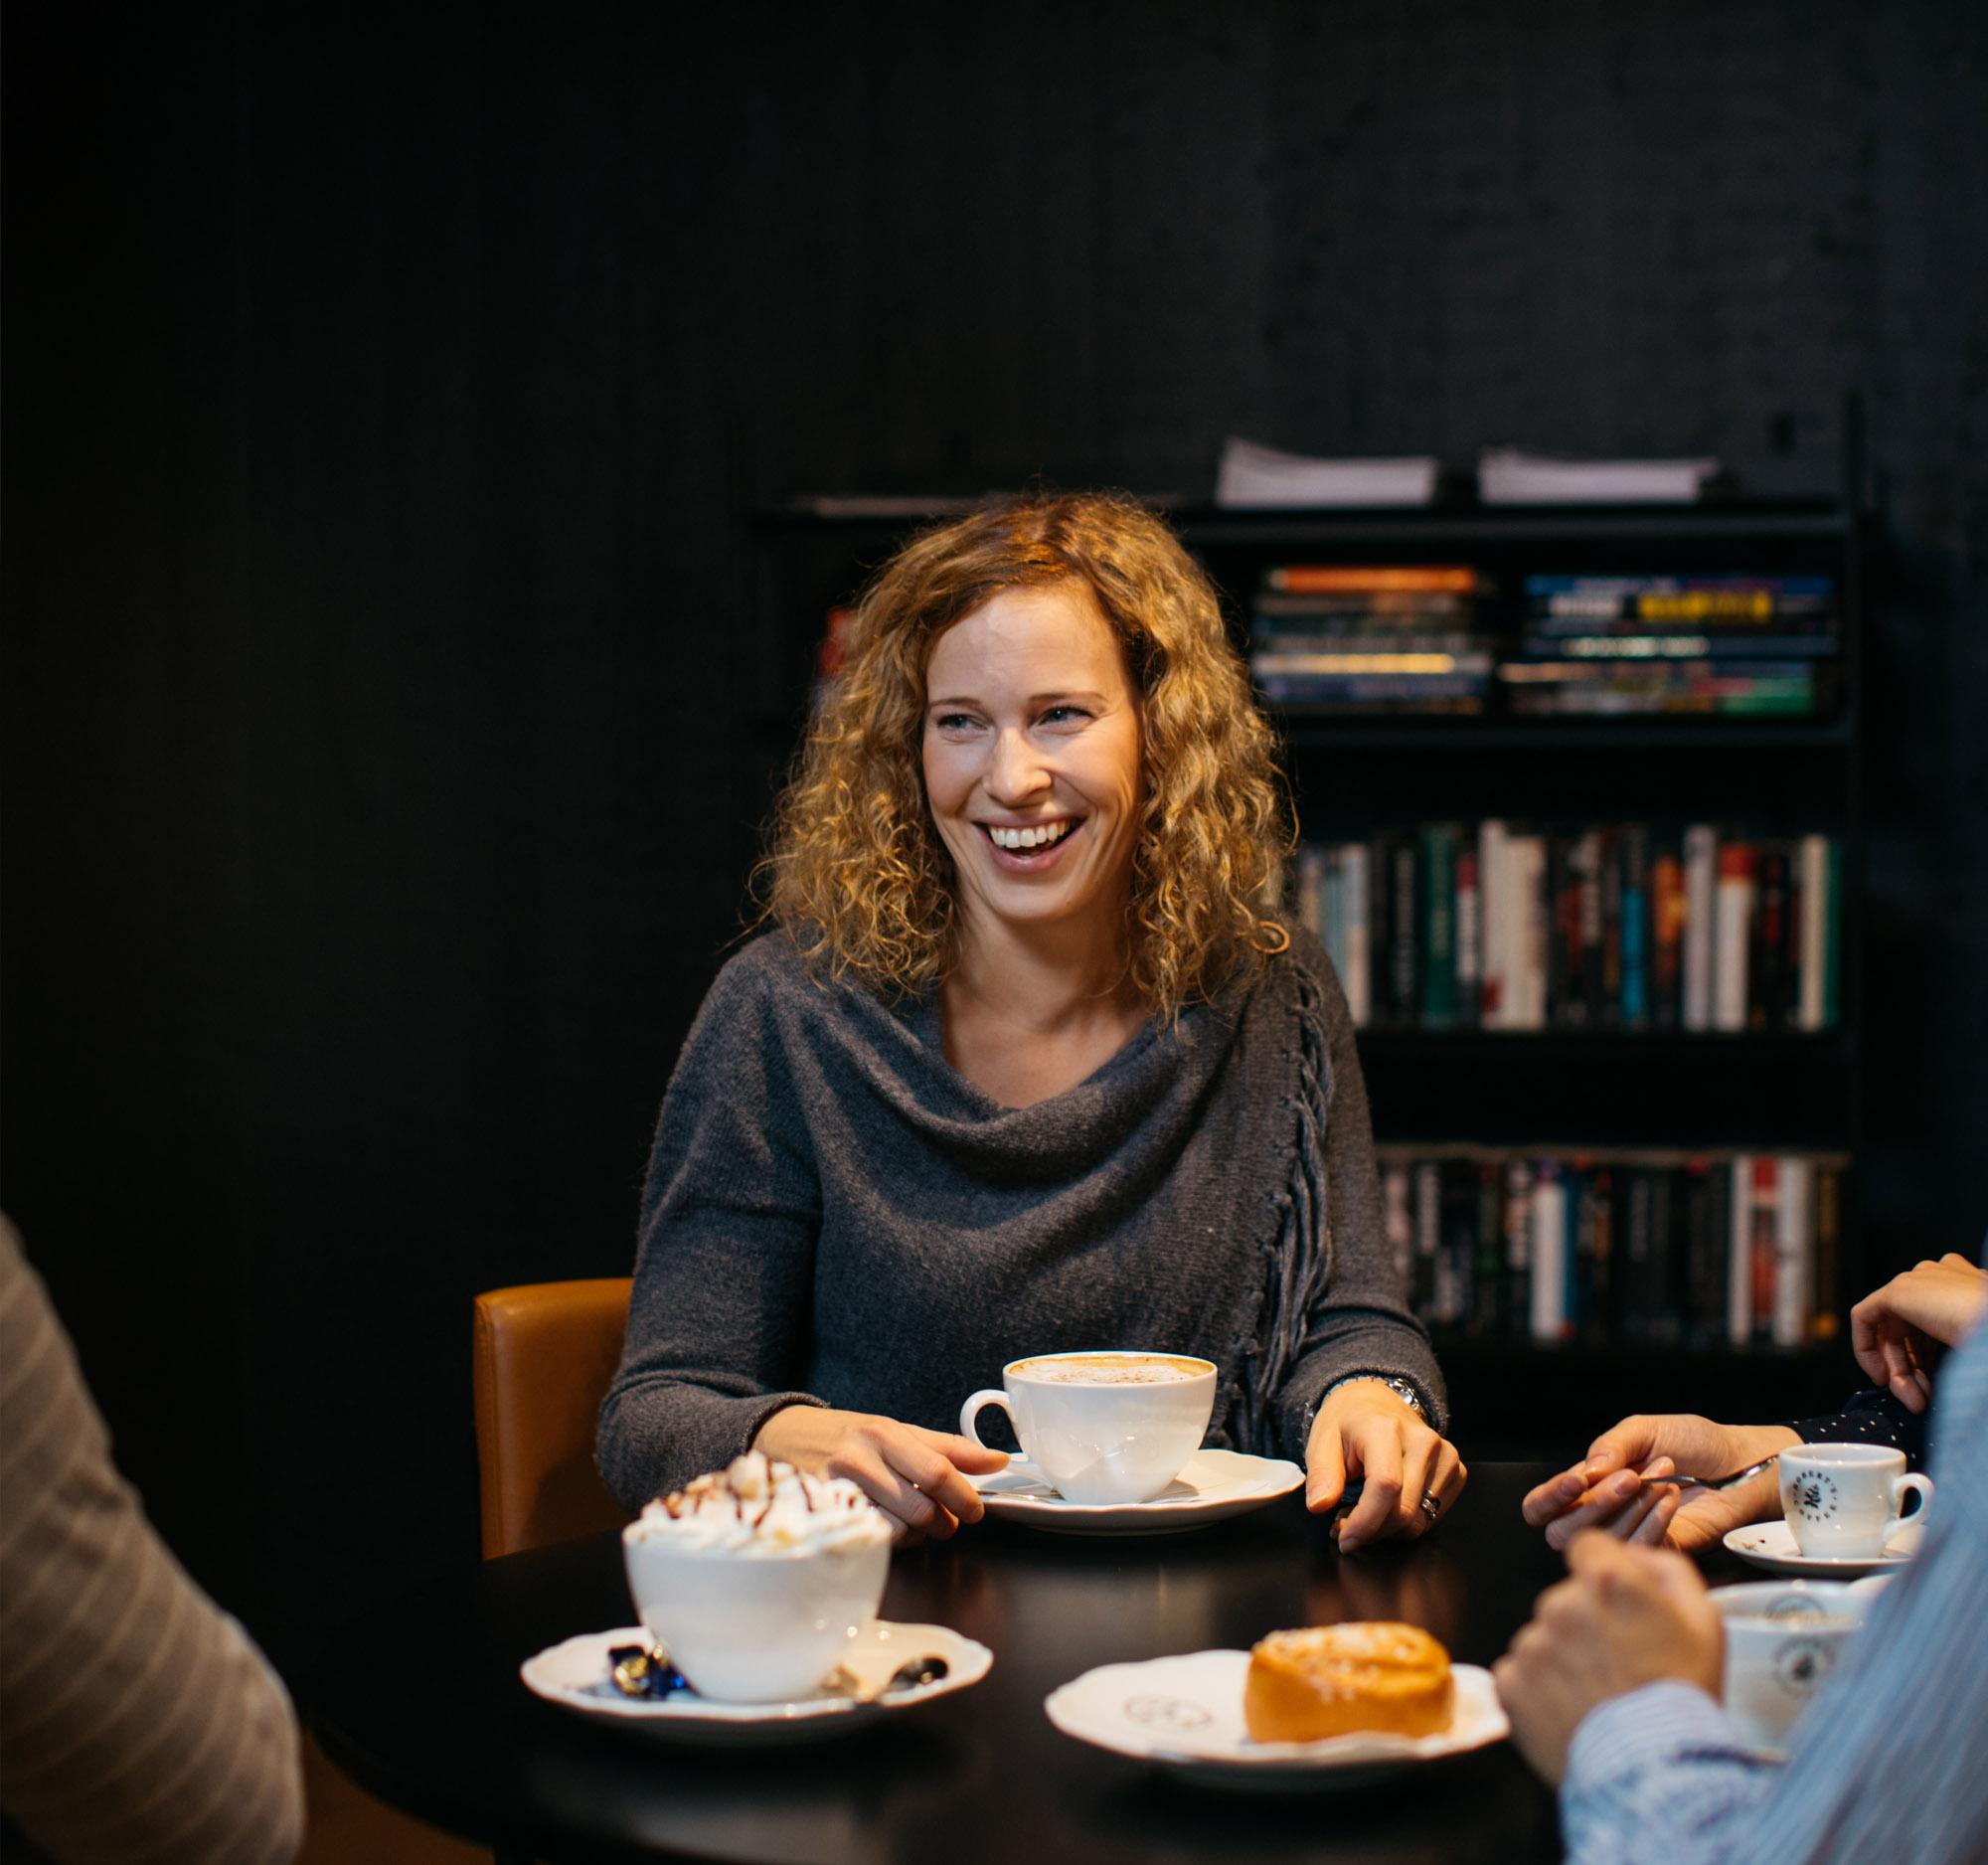 Yritykset-Ravintolat-Pikkumoduulikuva-Eerikkilä